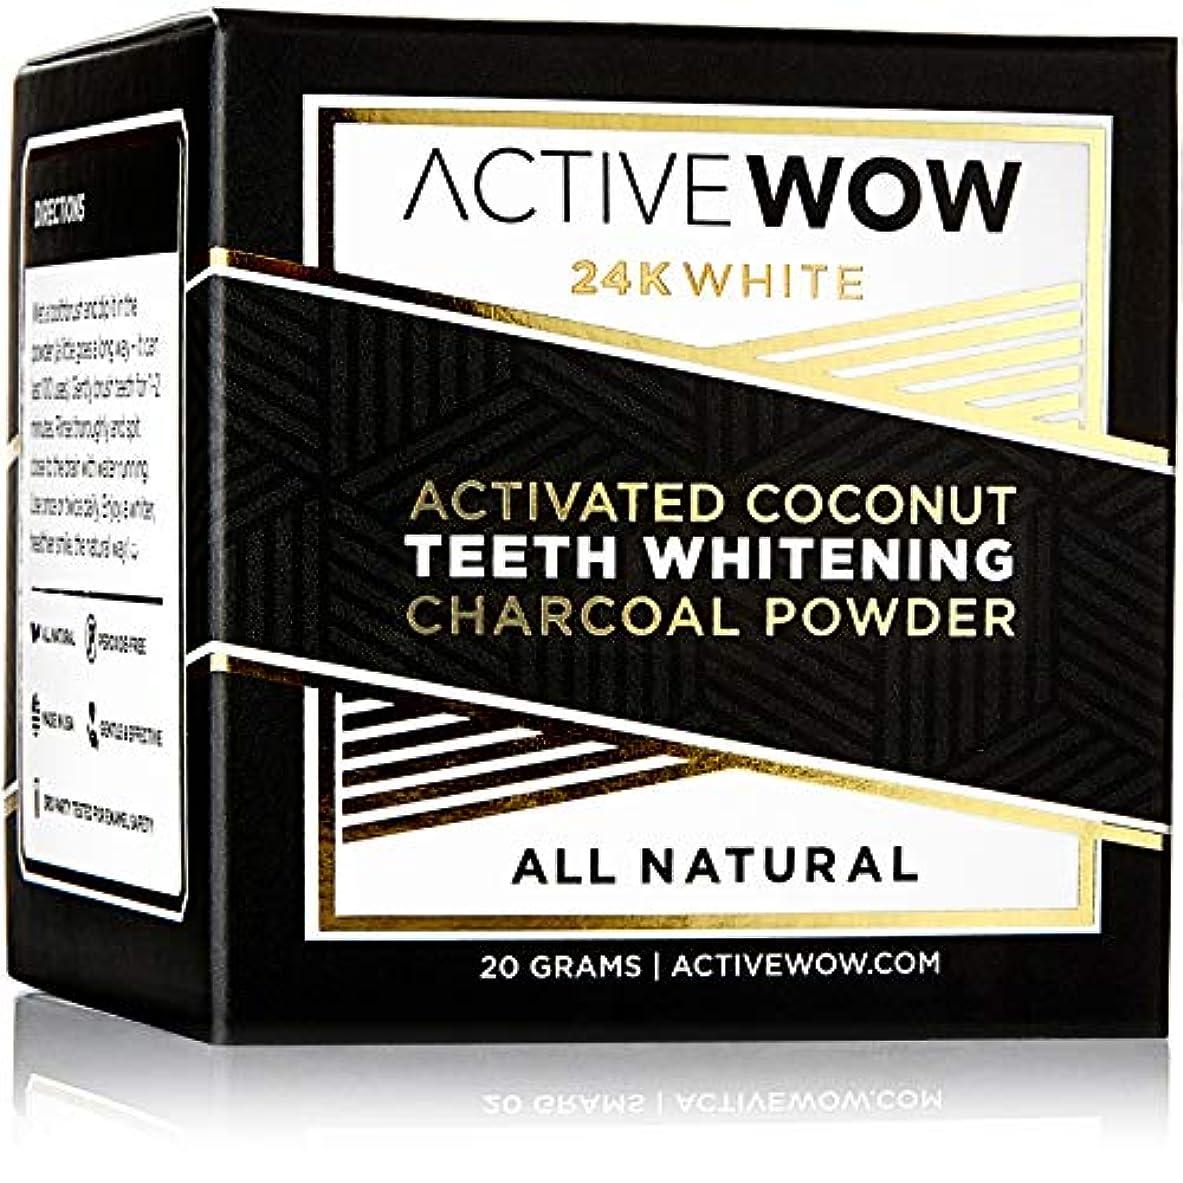 インスタンス固執受け入れるアクティブワオ (Active Wow) 歯のホワイトニングチャコールパウダー [海外直送品] (ナチュラル)